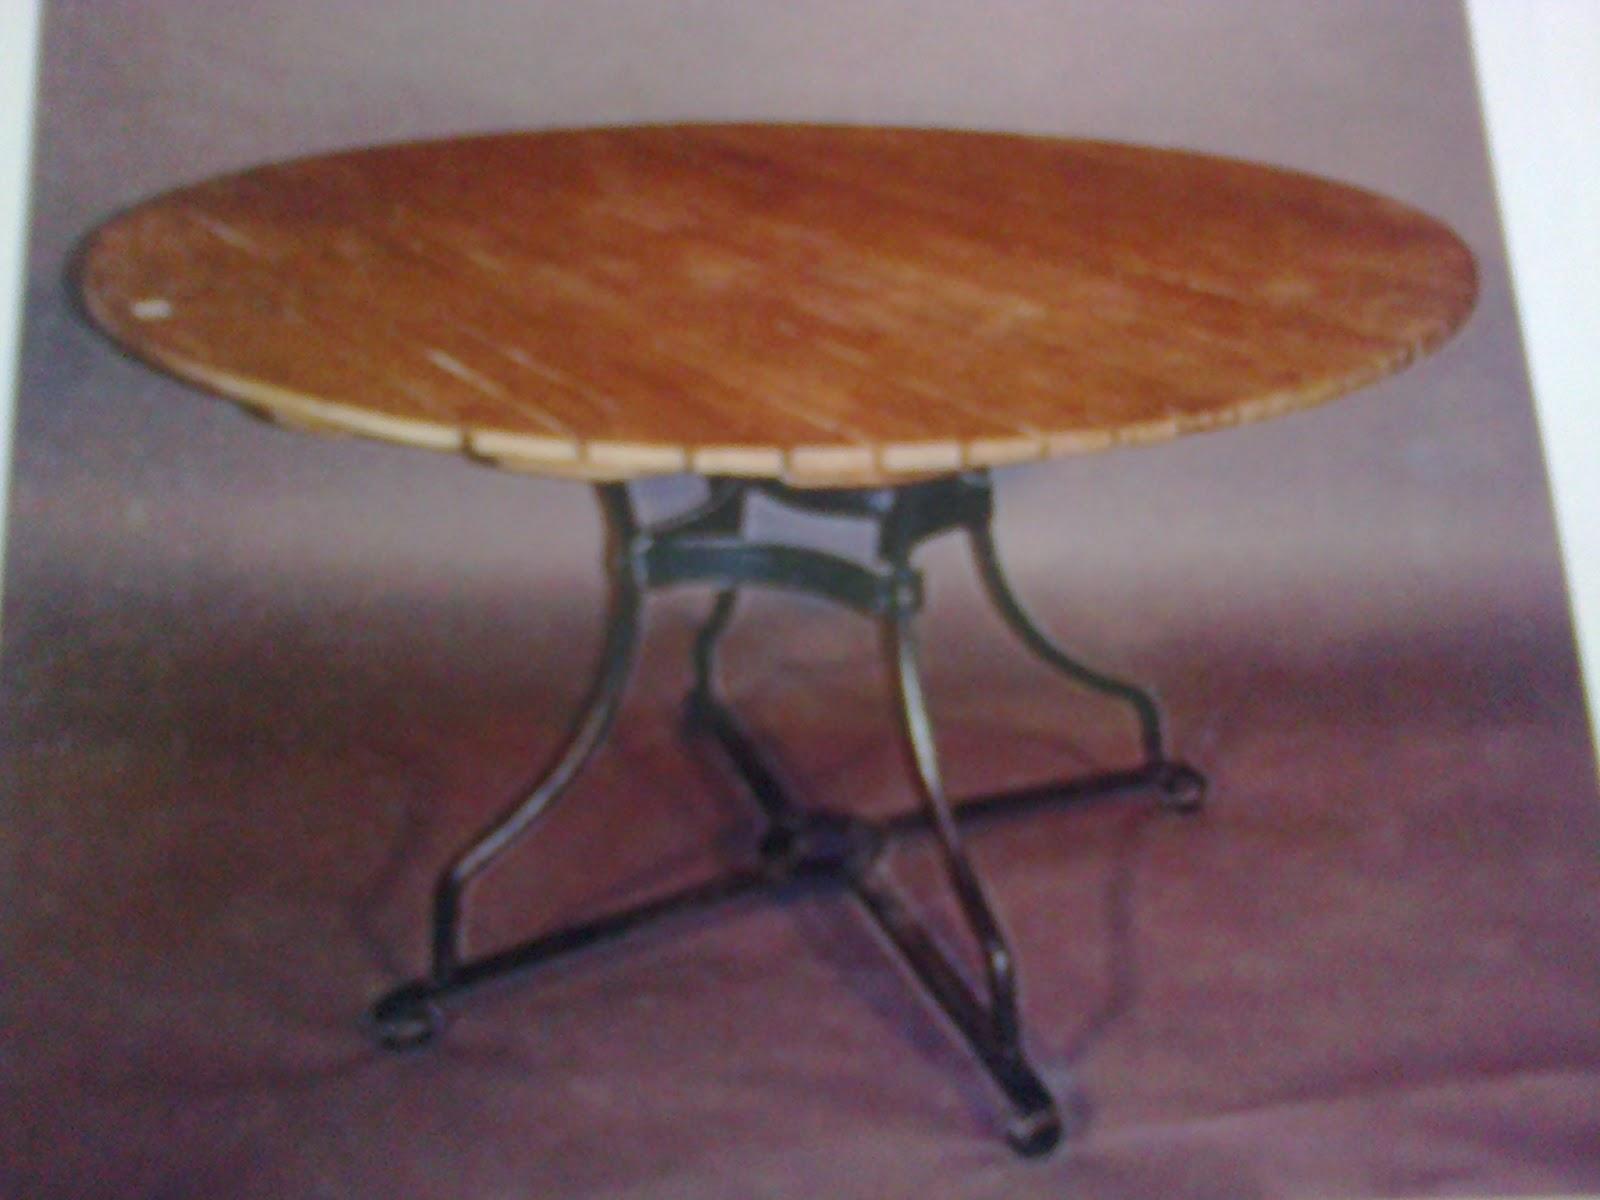 muebles de forja Hacer bricolaje es facilisimo  - imagenes de muebles en hierro forjado y madera